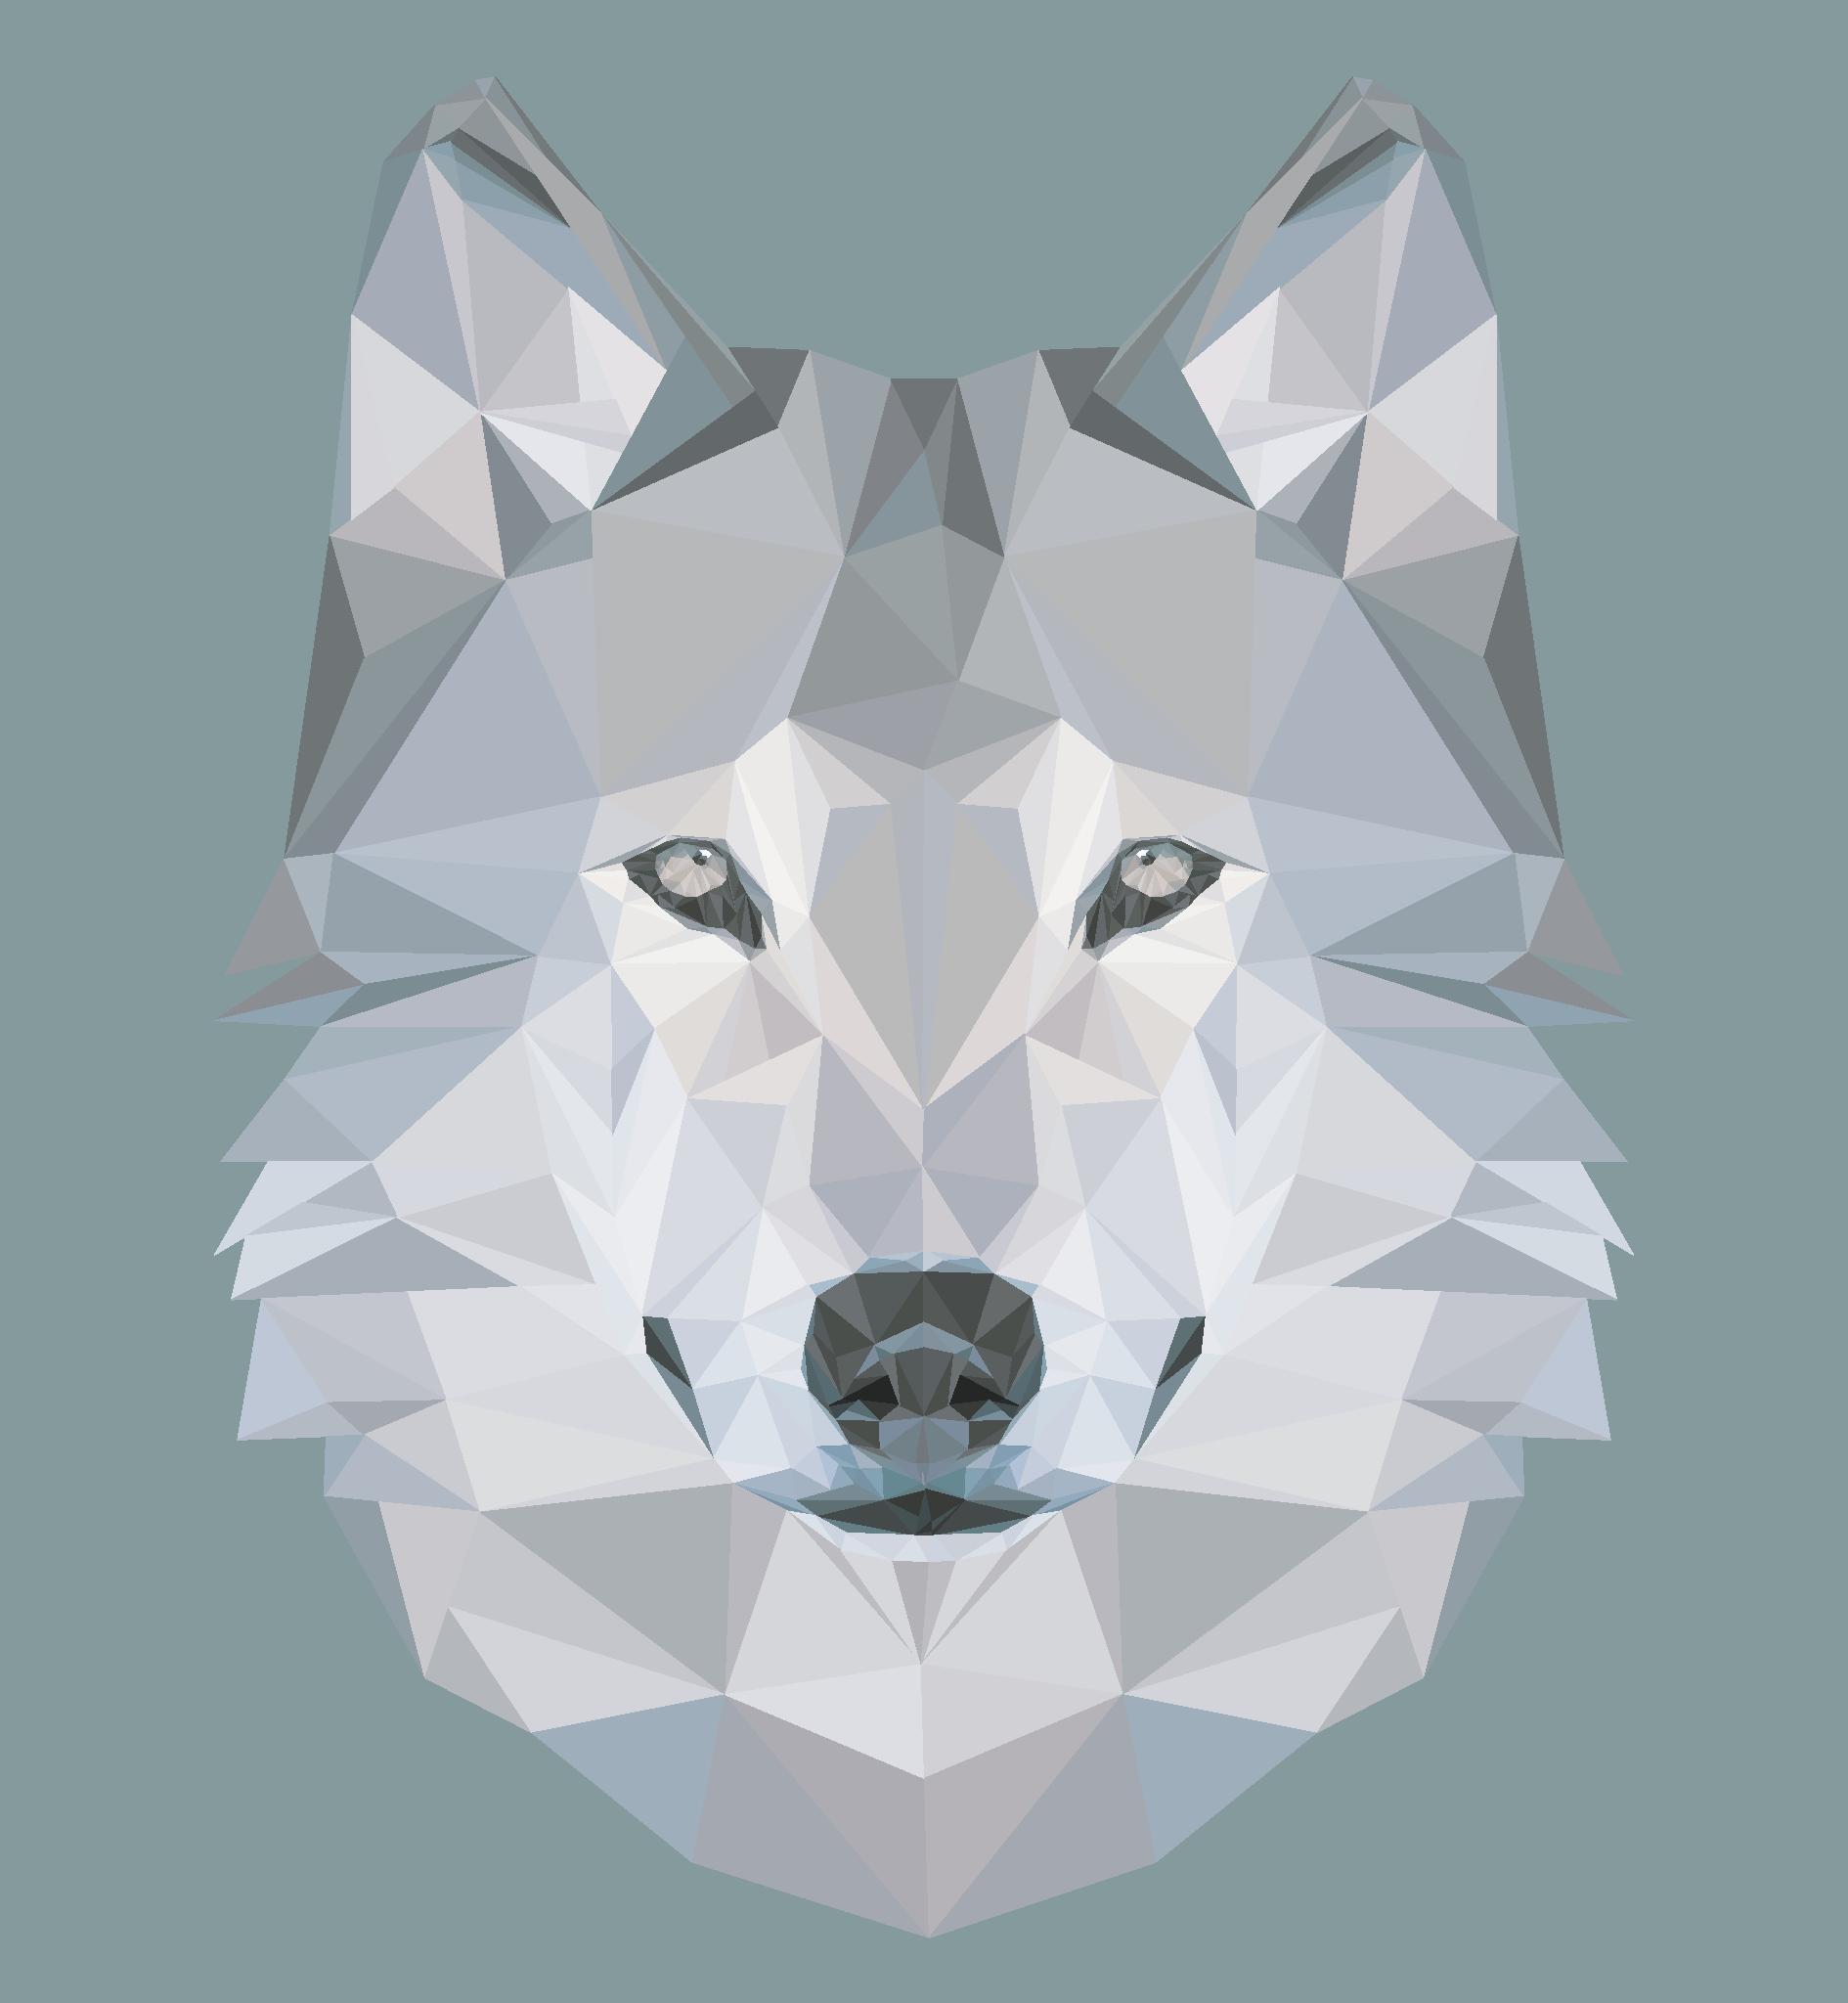 картинки волка из треугольников черногорские